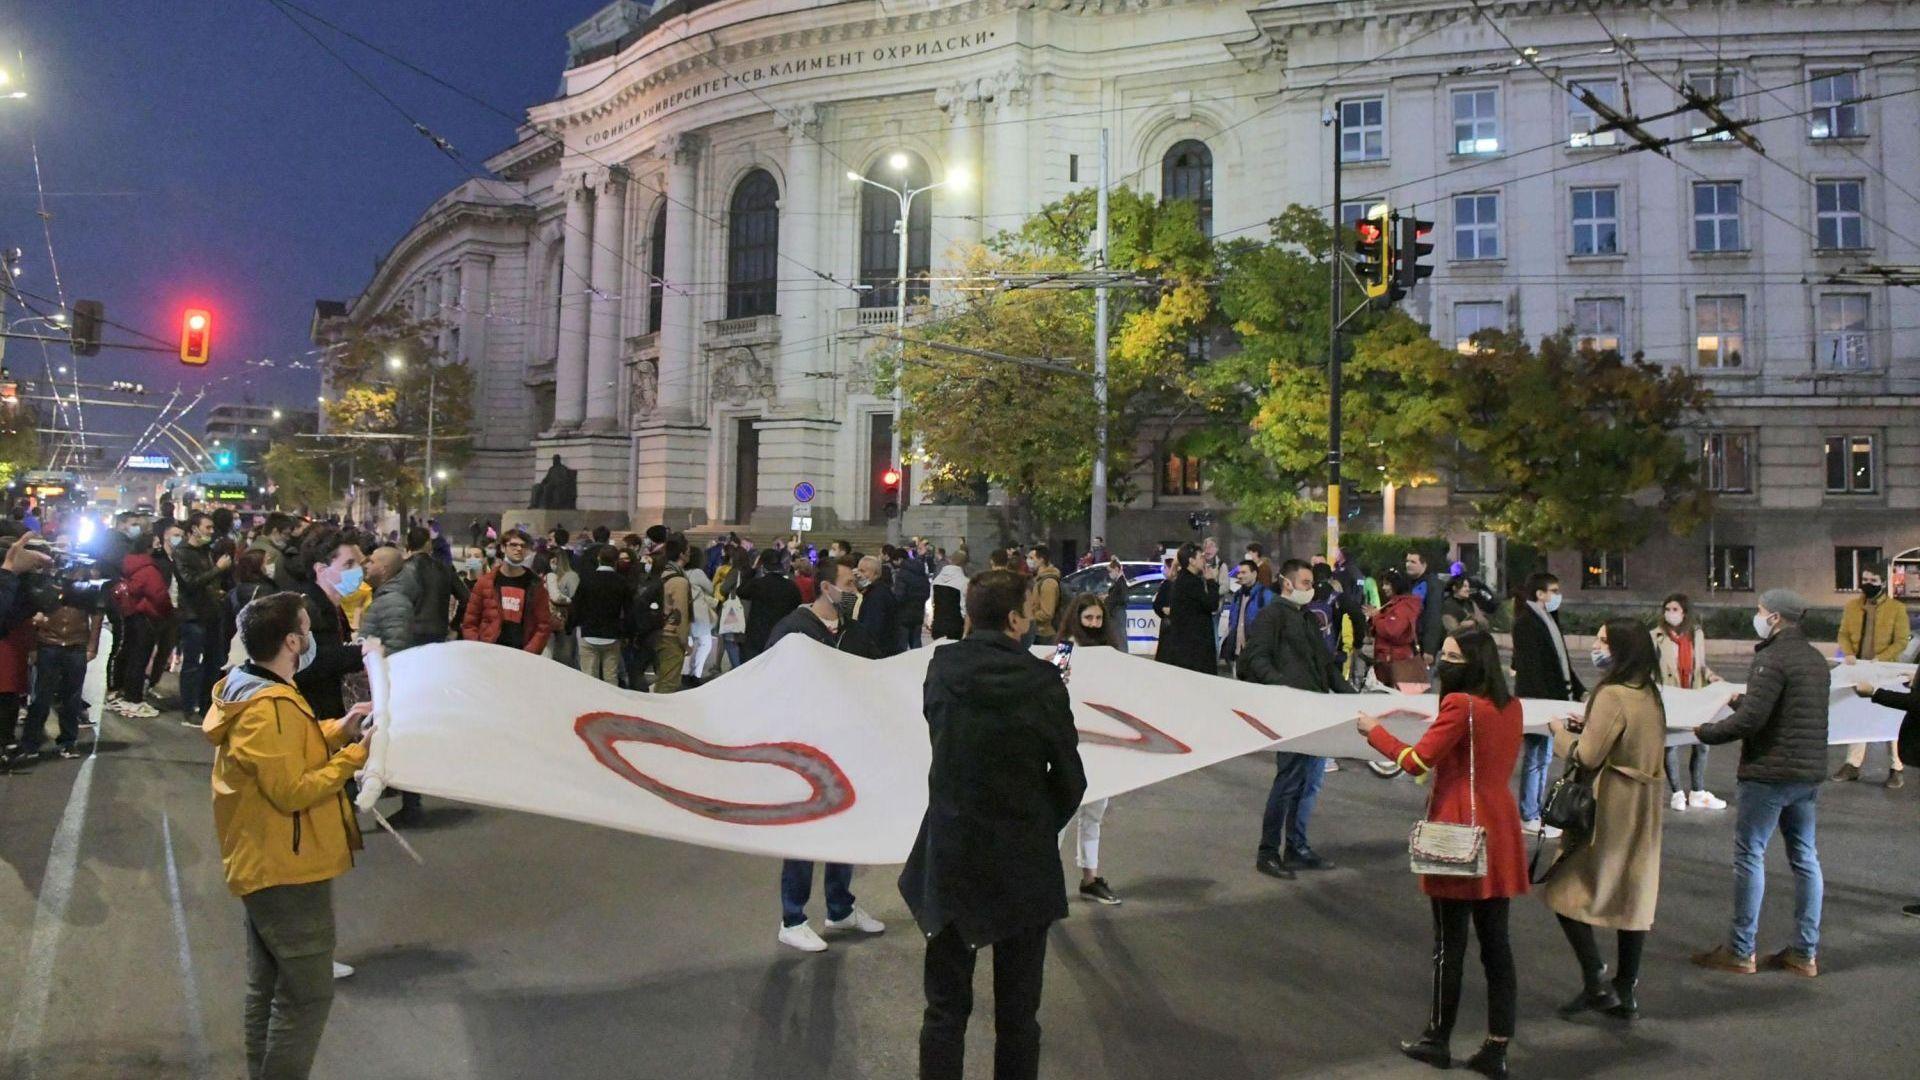 106-а вечер на протести - в София студенти блокираха кръстовище (снимки)